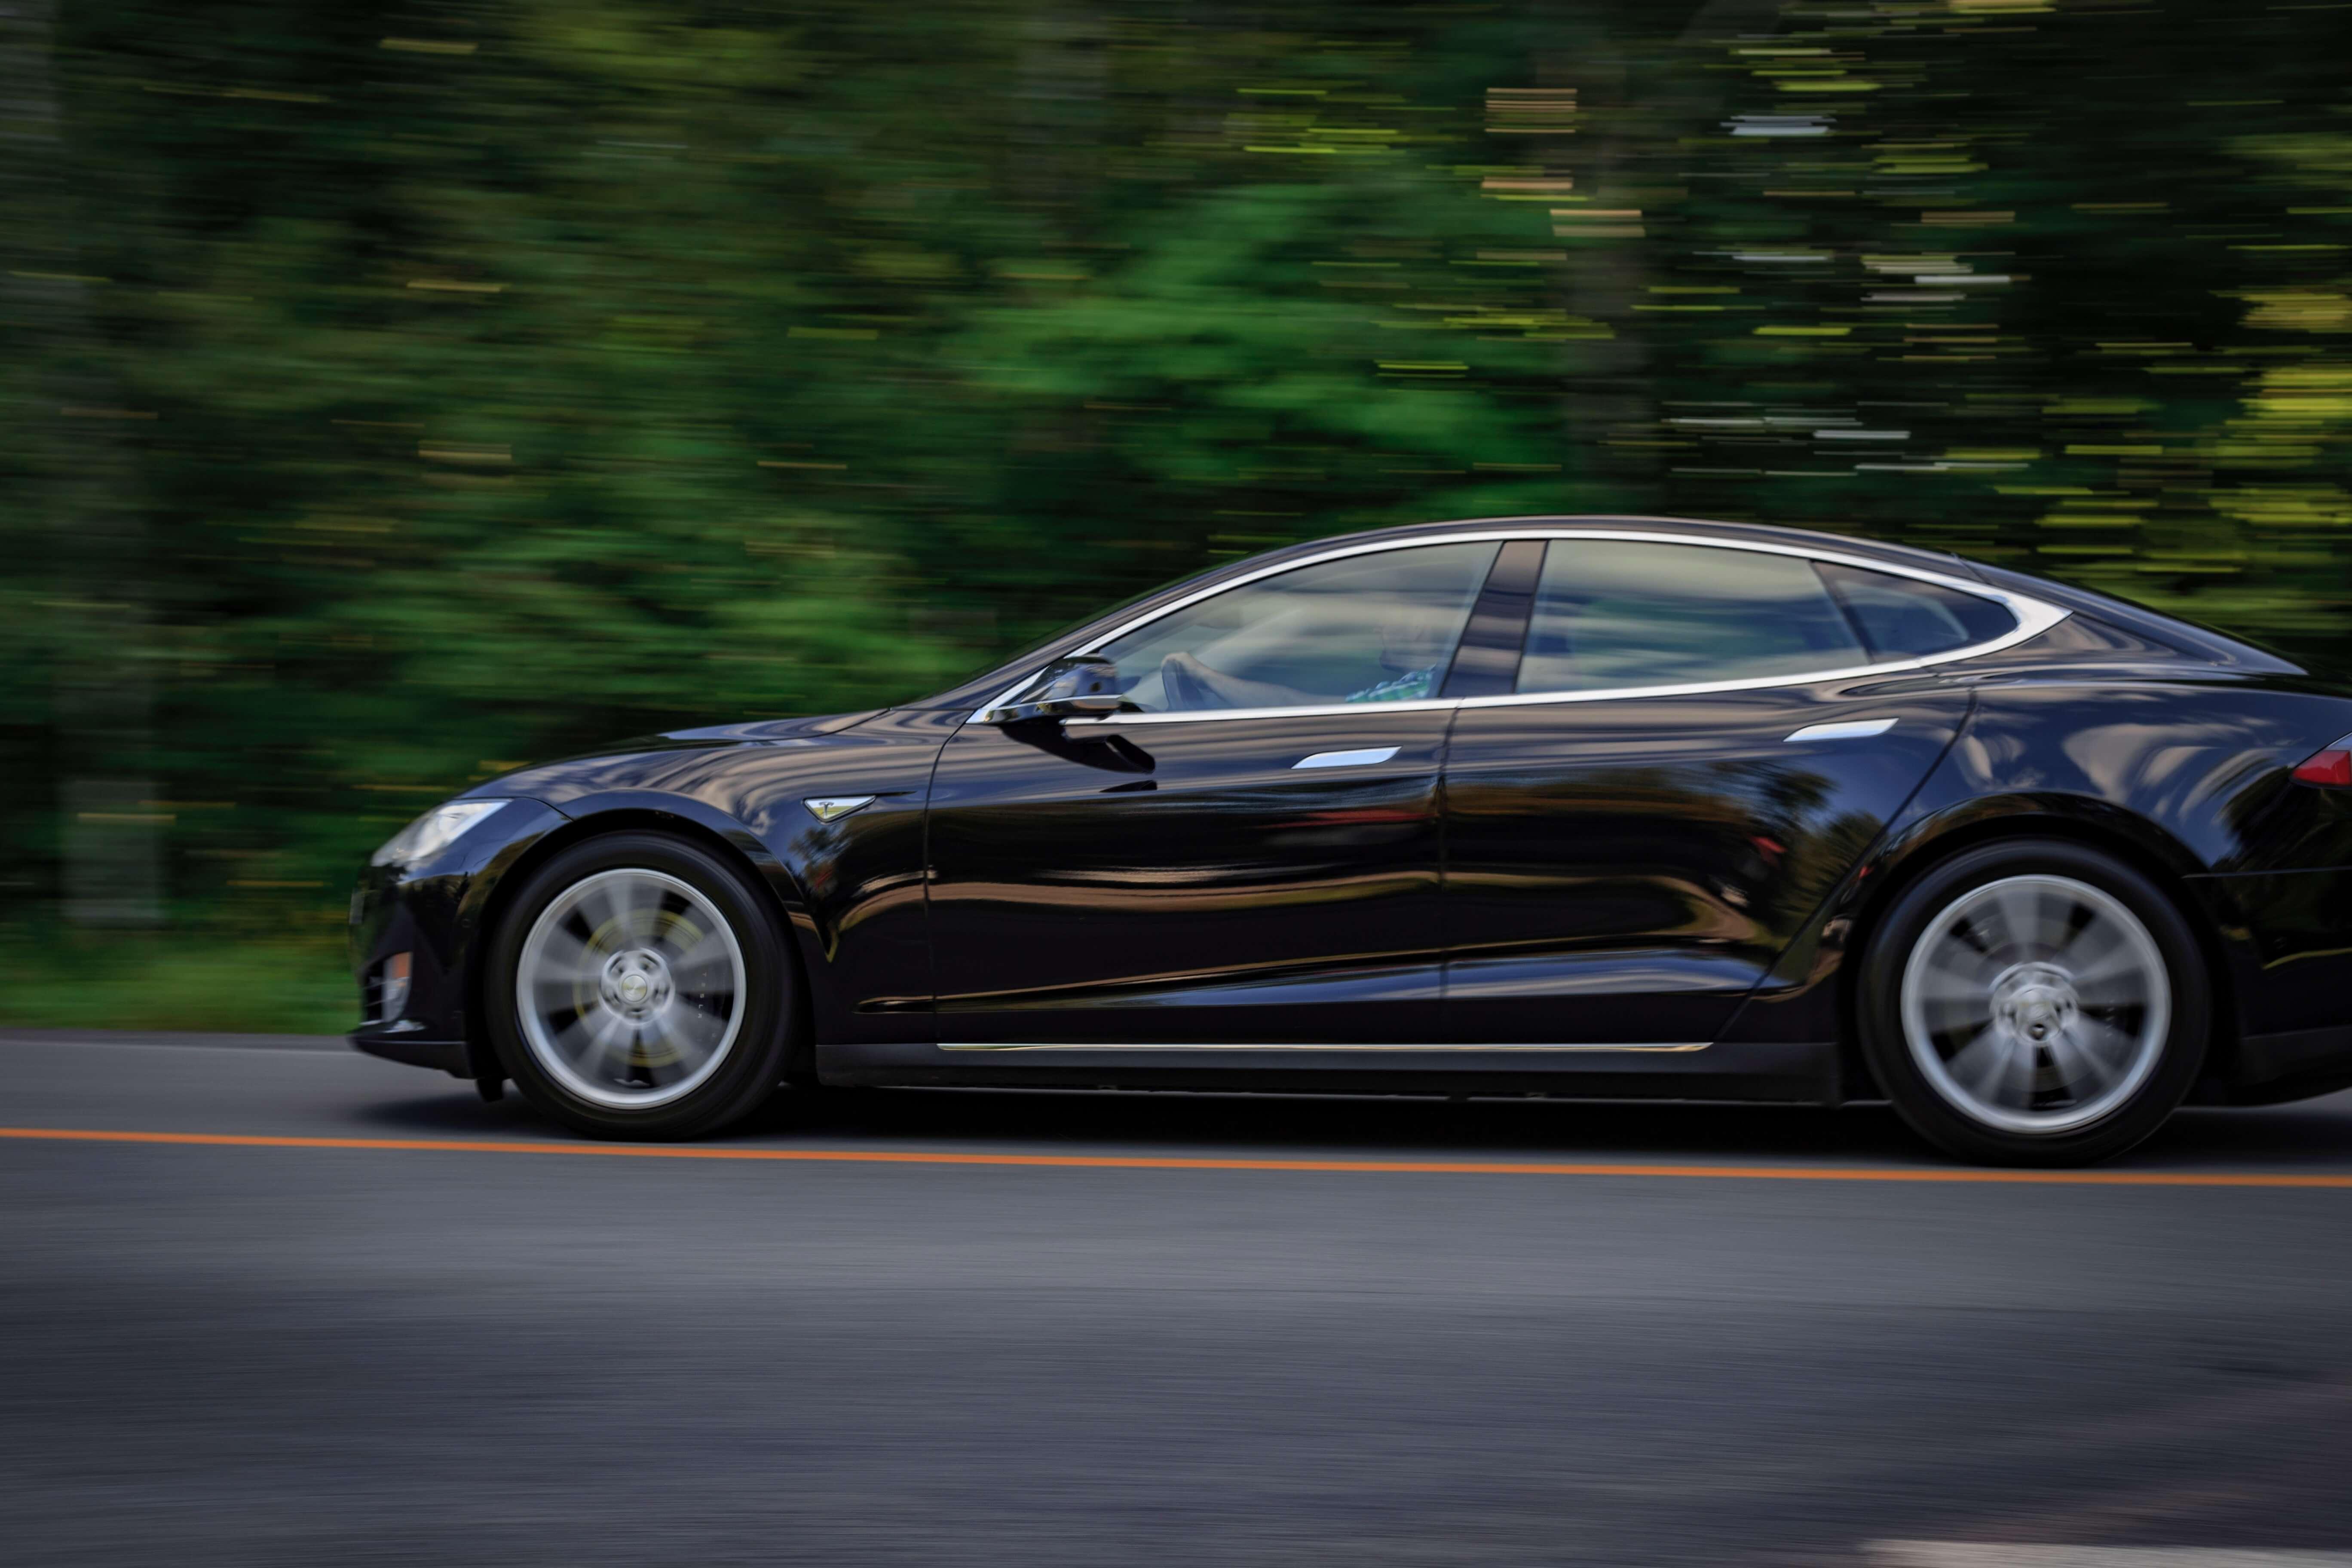 Tesla wykryła pierwszego złodzieja. Poznajcie funkcję Sentry Mode 16